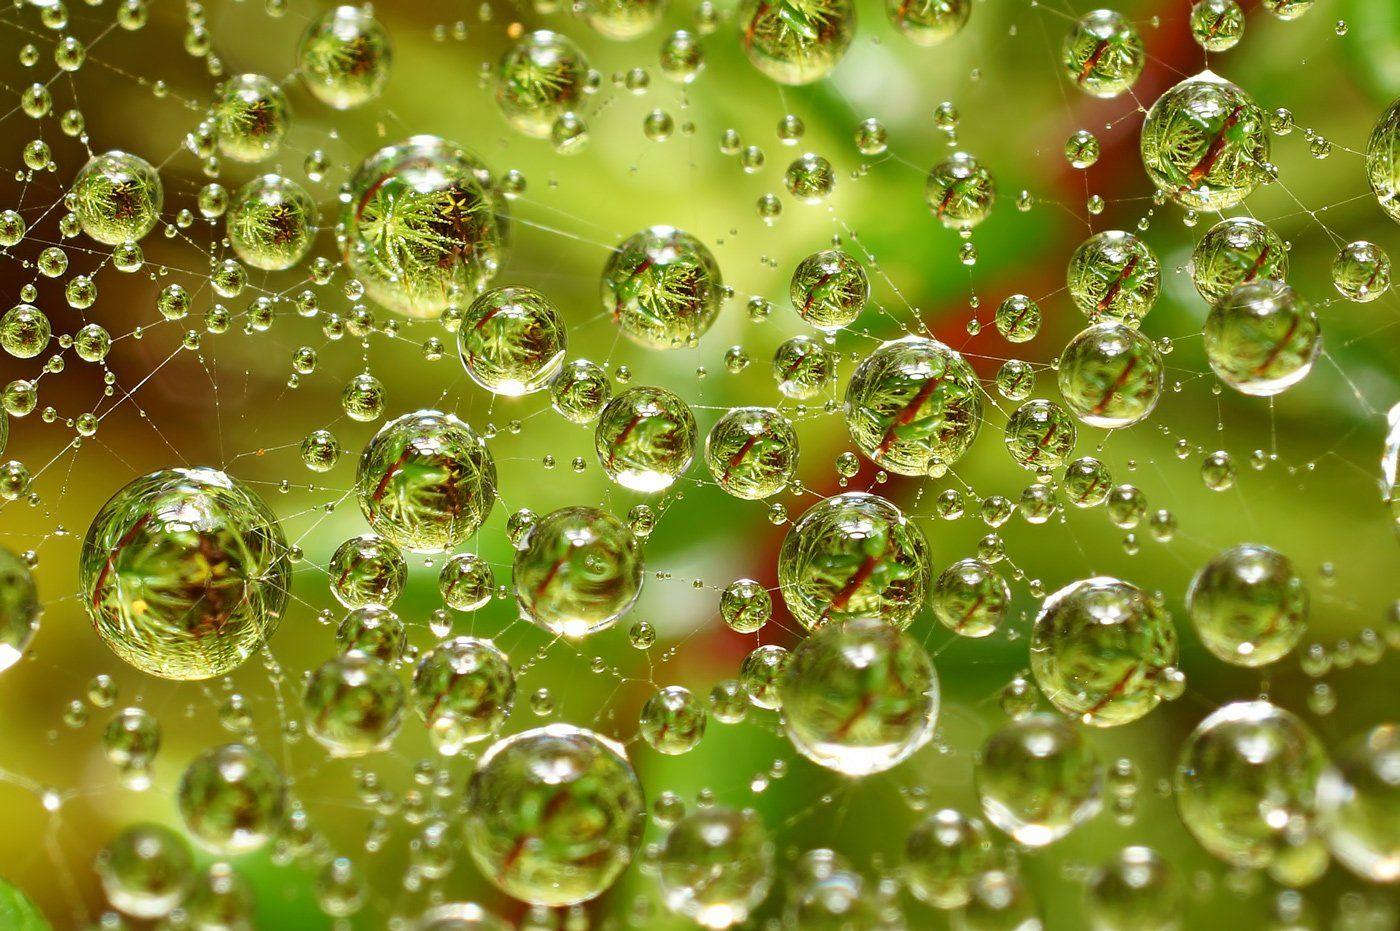 3d, вода, дождь, капли, коми, макро, печора,паутина, Игорь Подобаев